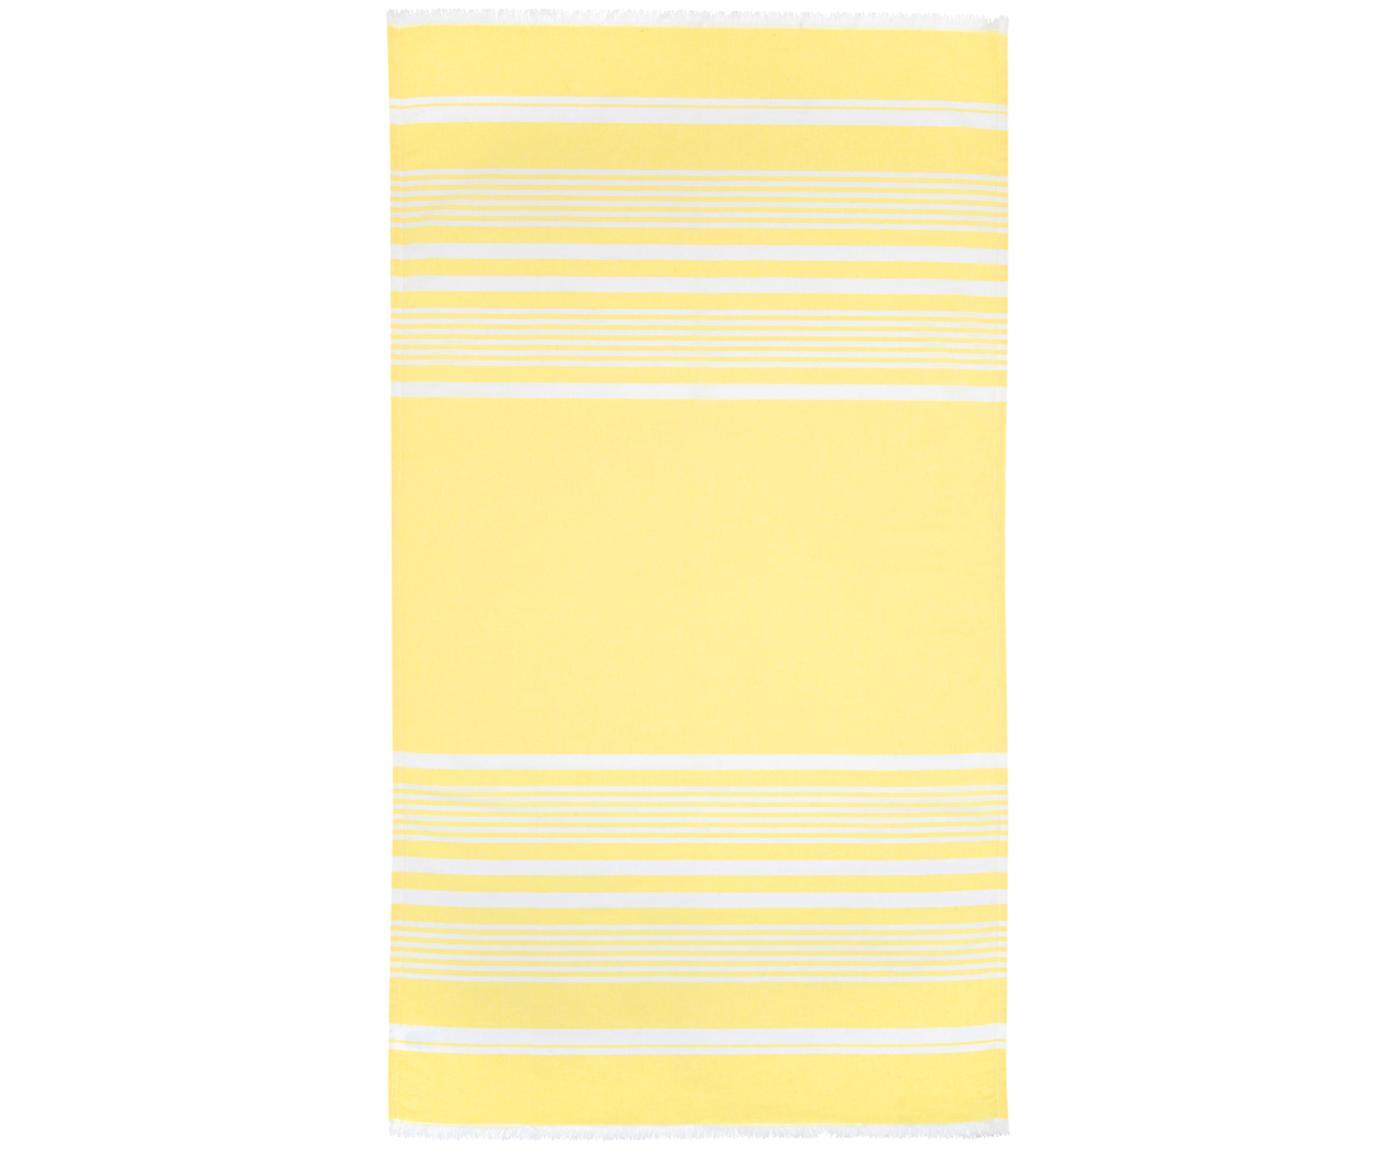 Hamamdoek Nora, 100% katoen, zeer lichte kwaliteit, 130 g/m², Geel, crèmewit, 90 x 170 cm